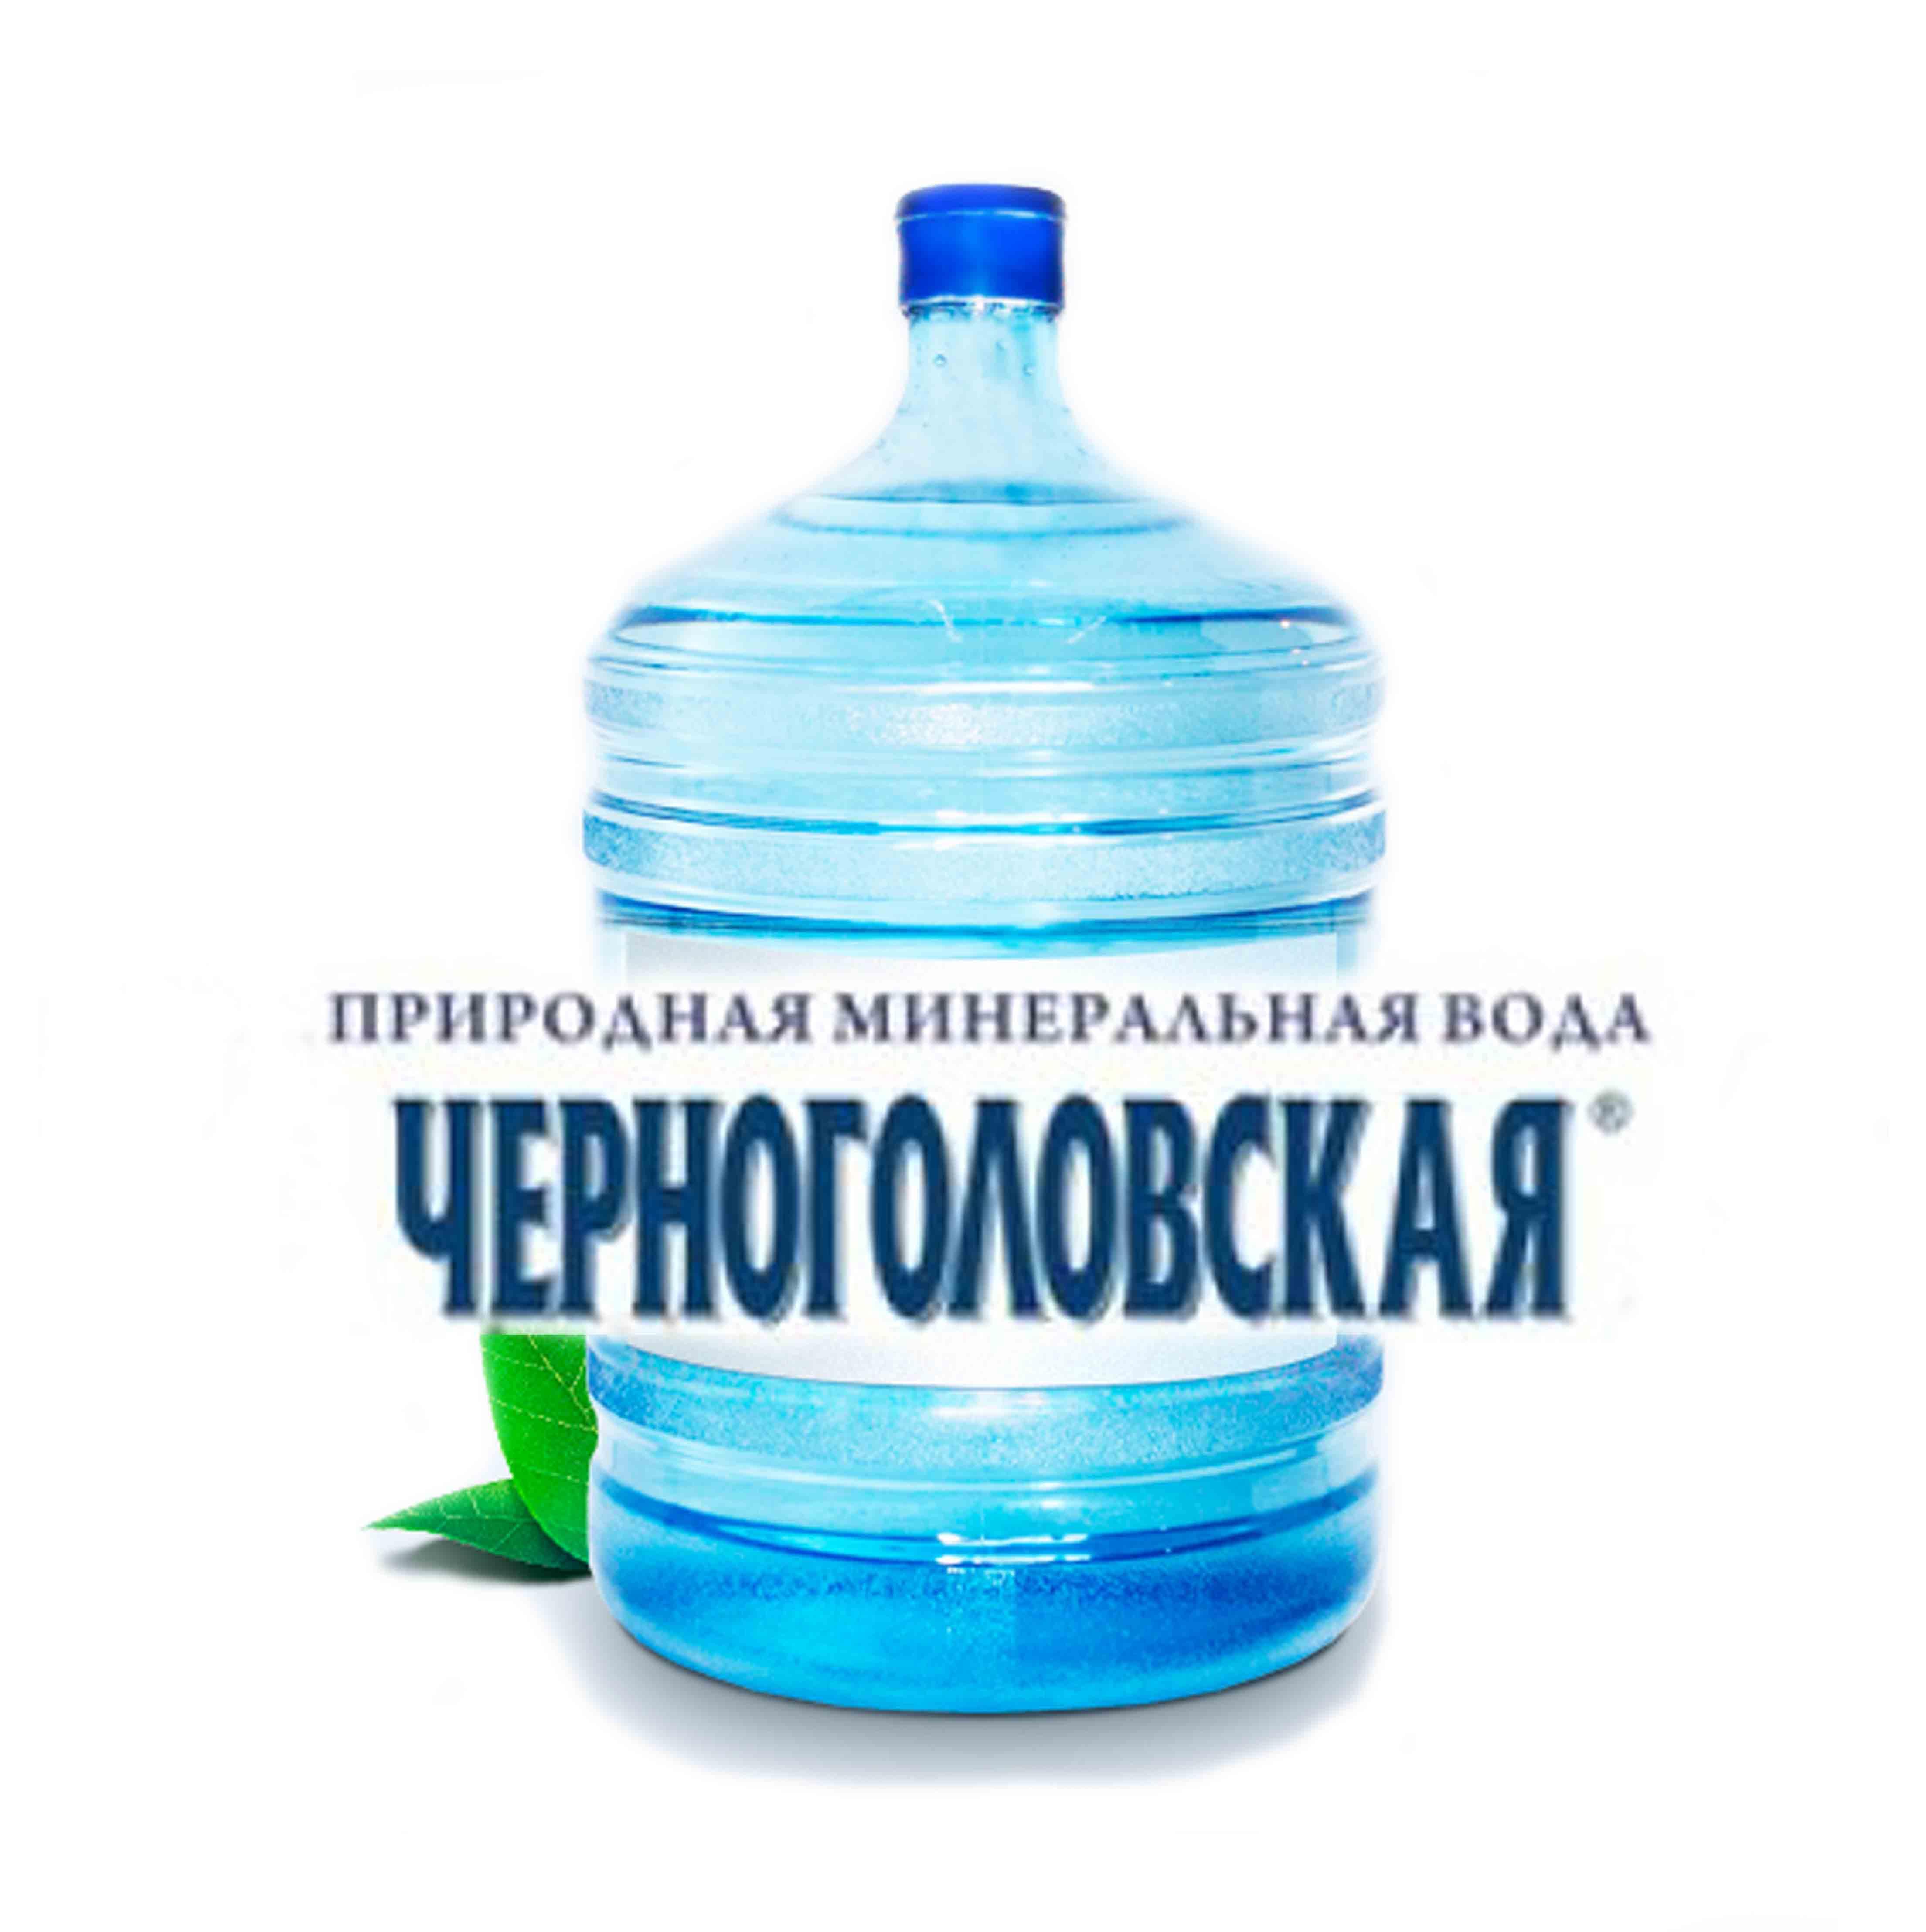 Черноголовская_2